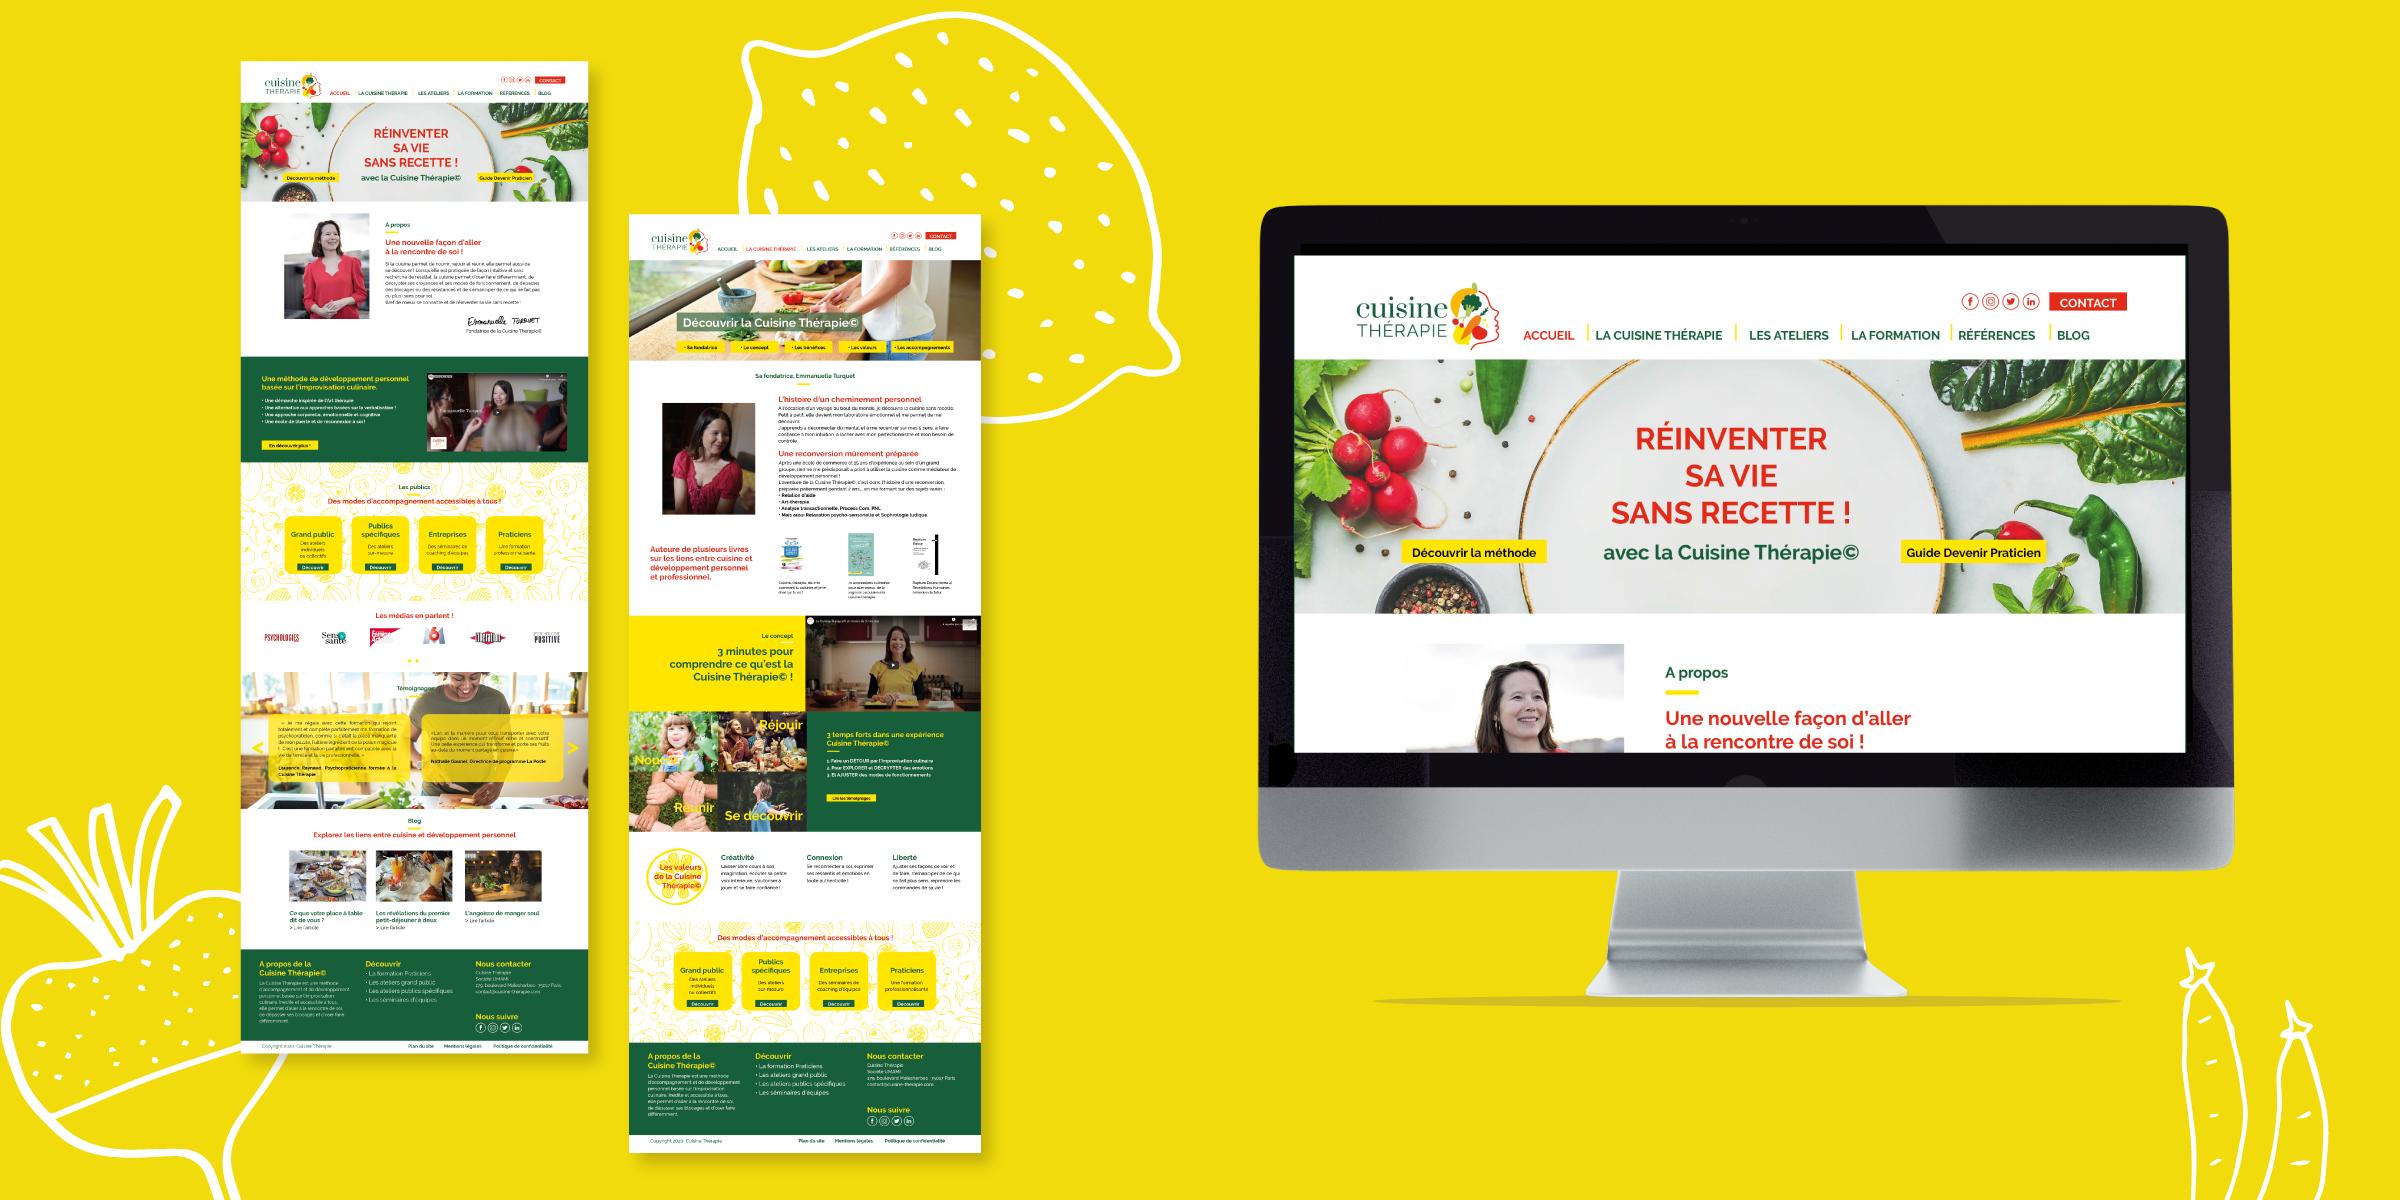 image-portfolio-cuisine-therapie